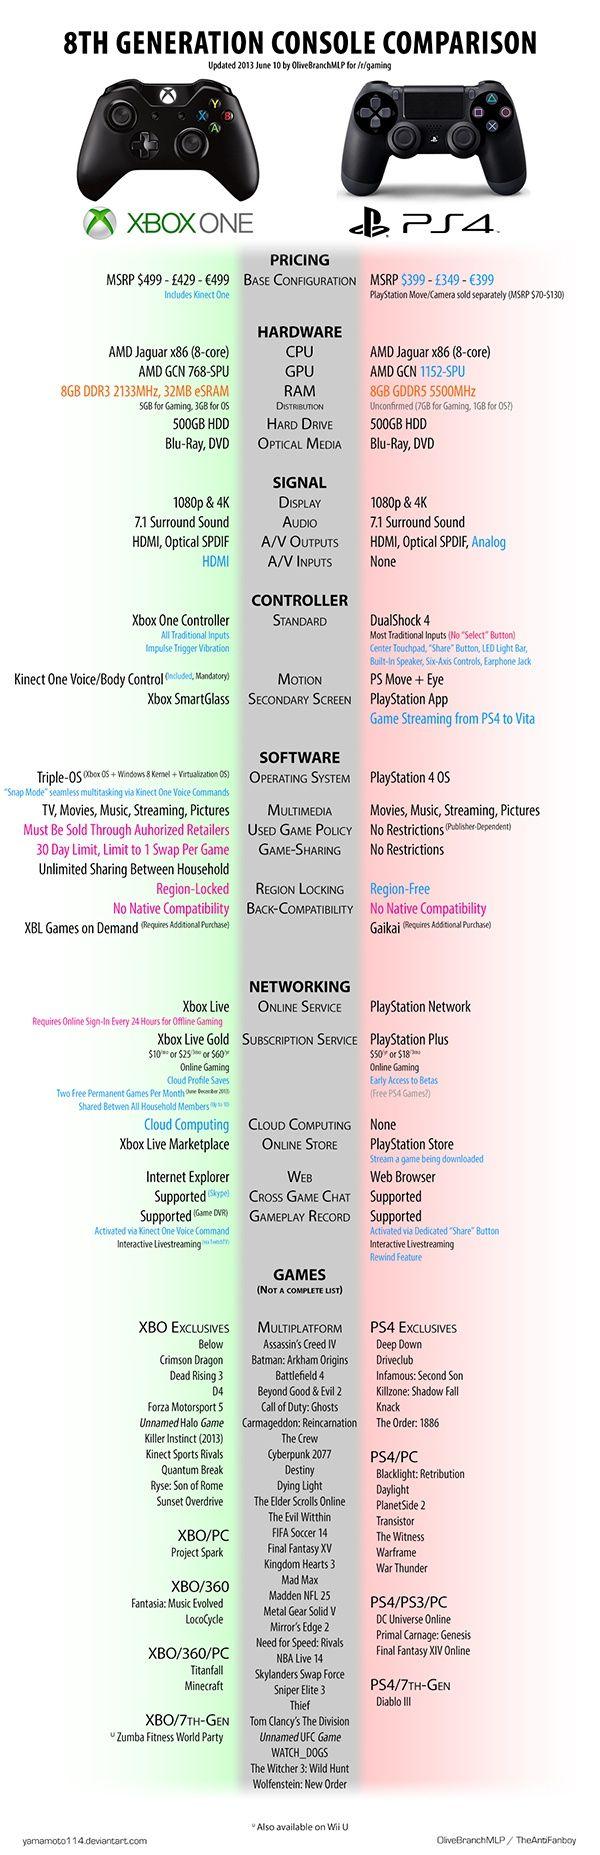 Xbox One vs. PS4 Comparison Chart [Pic] Xbox One Vs Ps4 Comparison